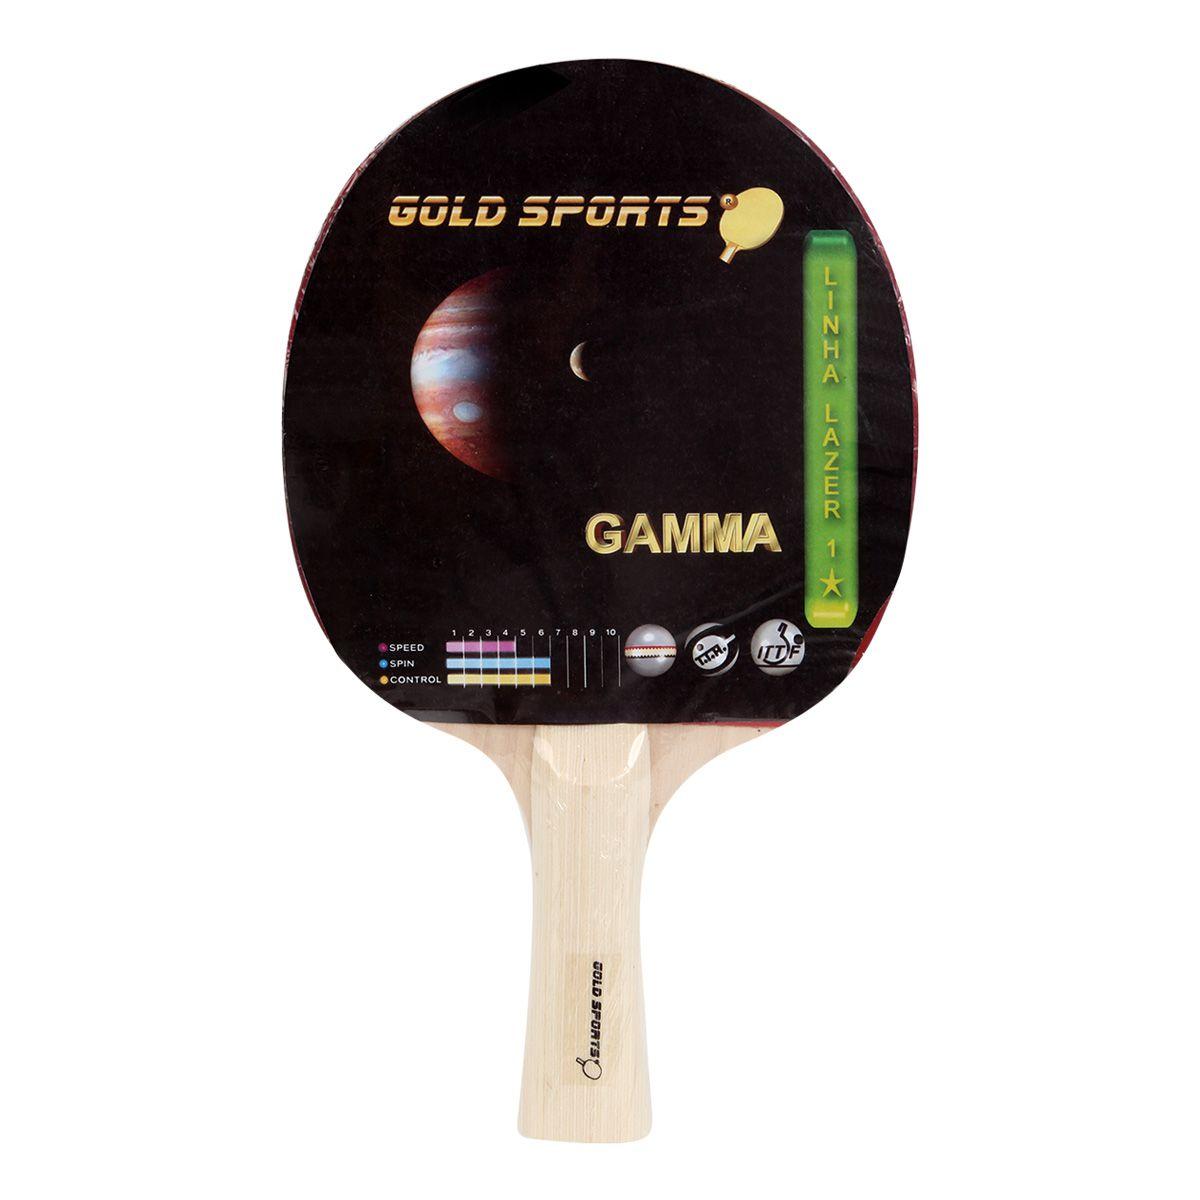 Raquete Tenis De Mesa Gold Sports - Gamma